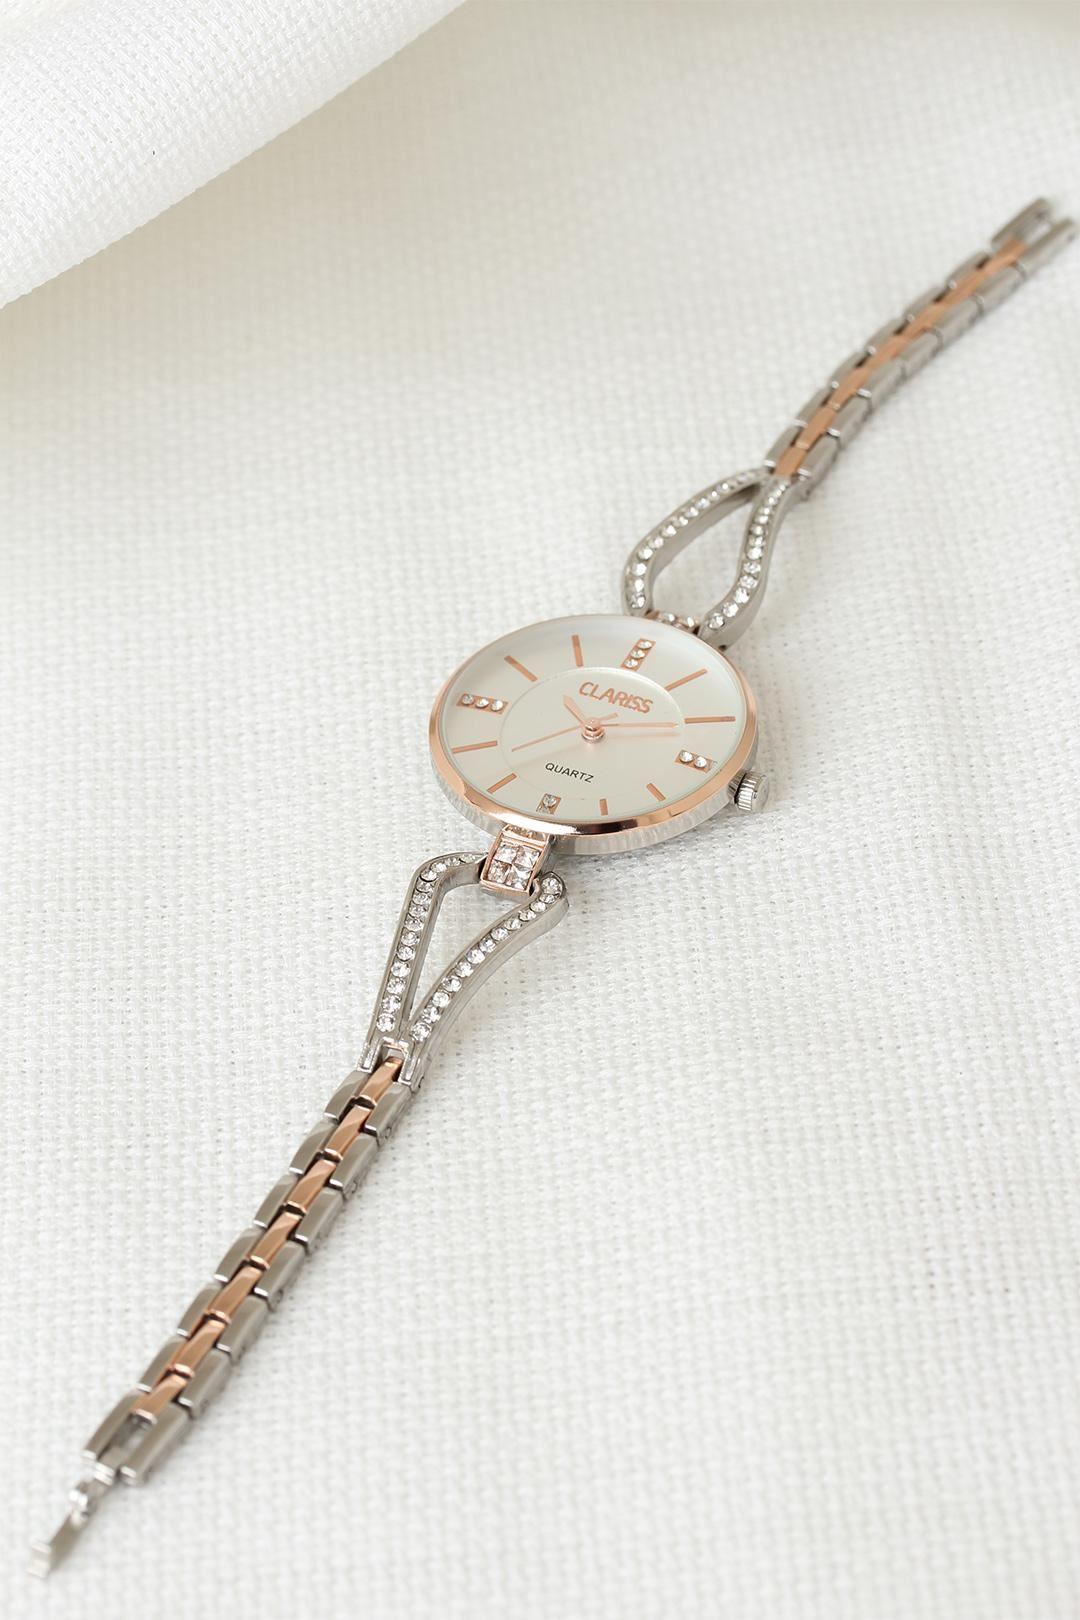 Silver Metal Taşlı Kordonlu Yeni Sezon Beyaz Renk İç Tasarımlı Bayan Clariss Marka Kol Saati